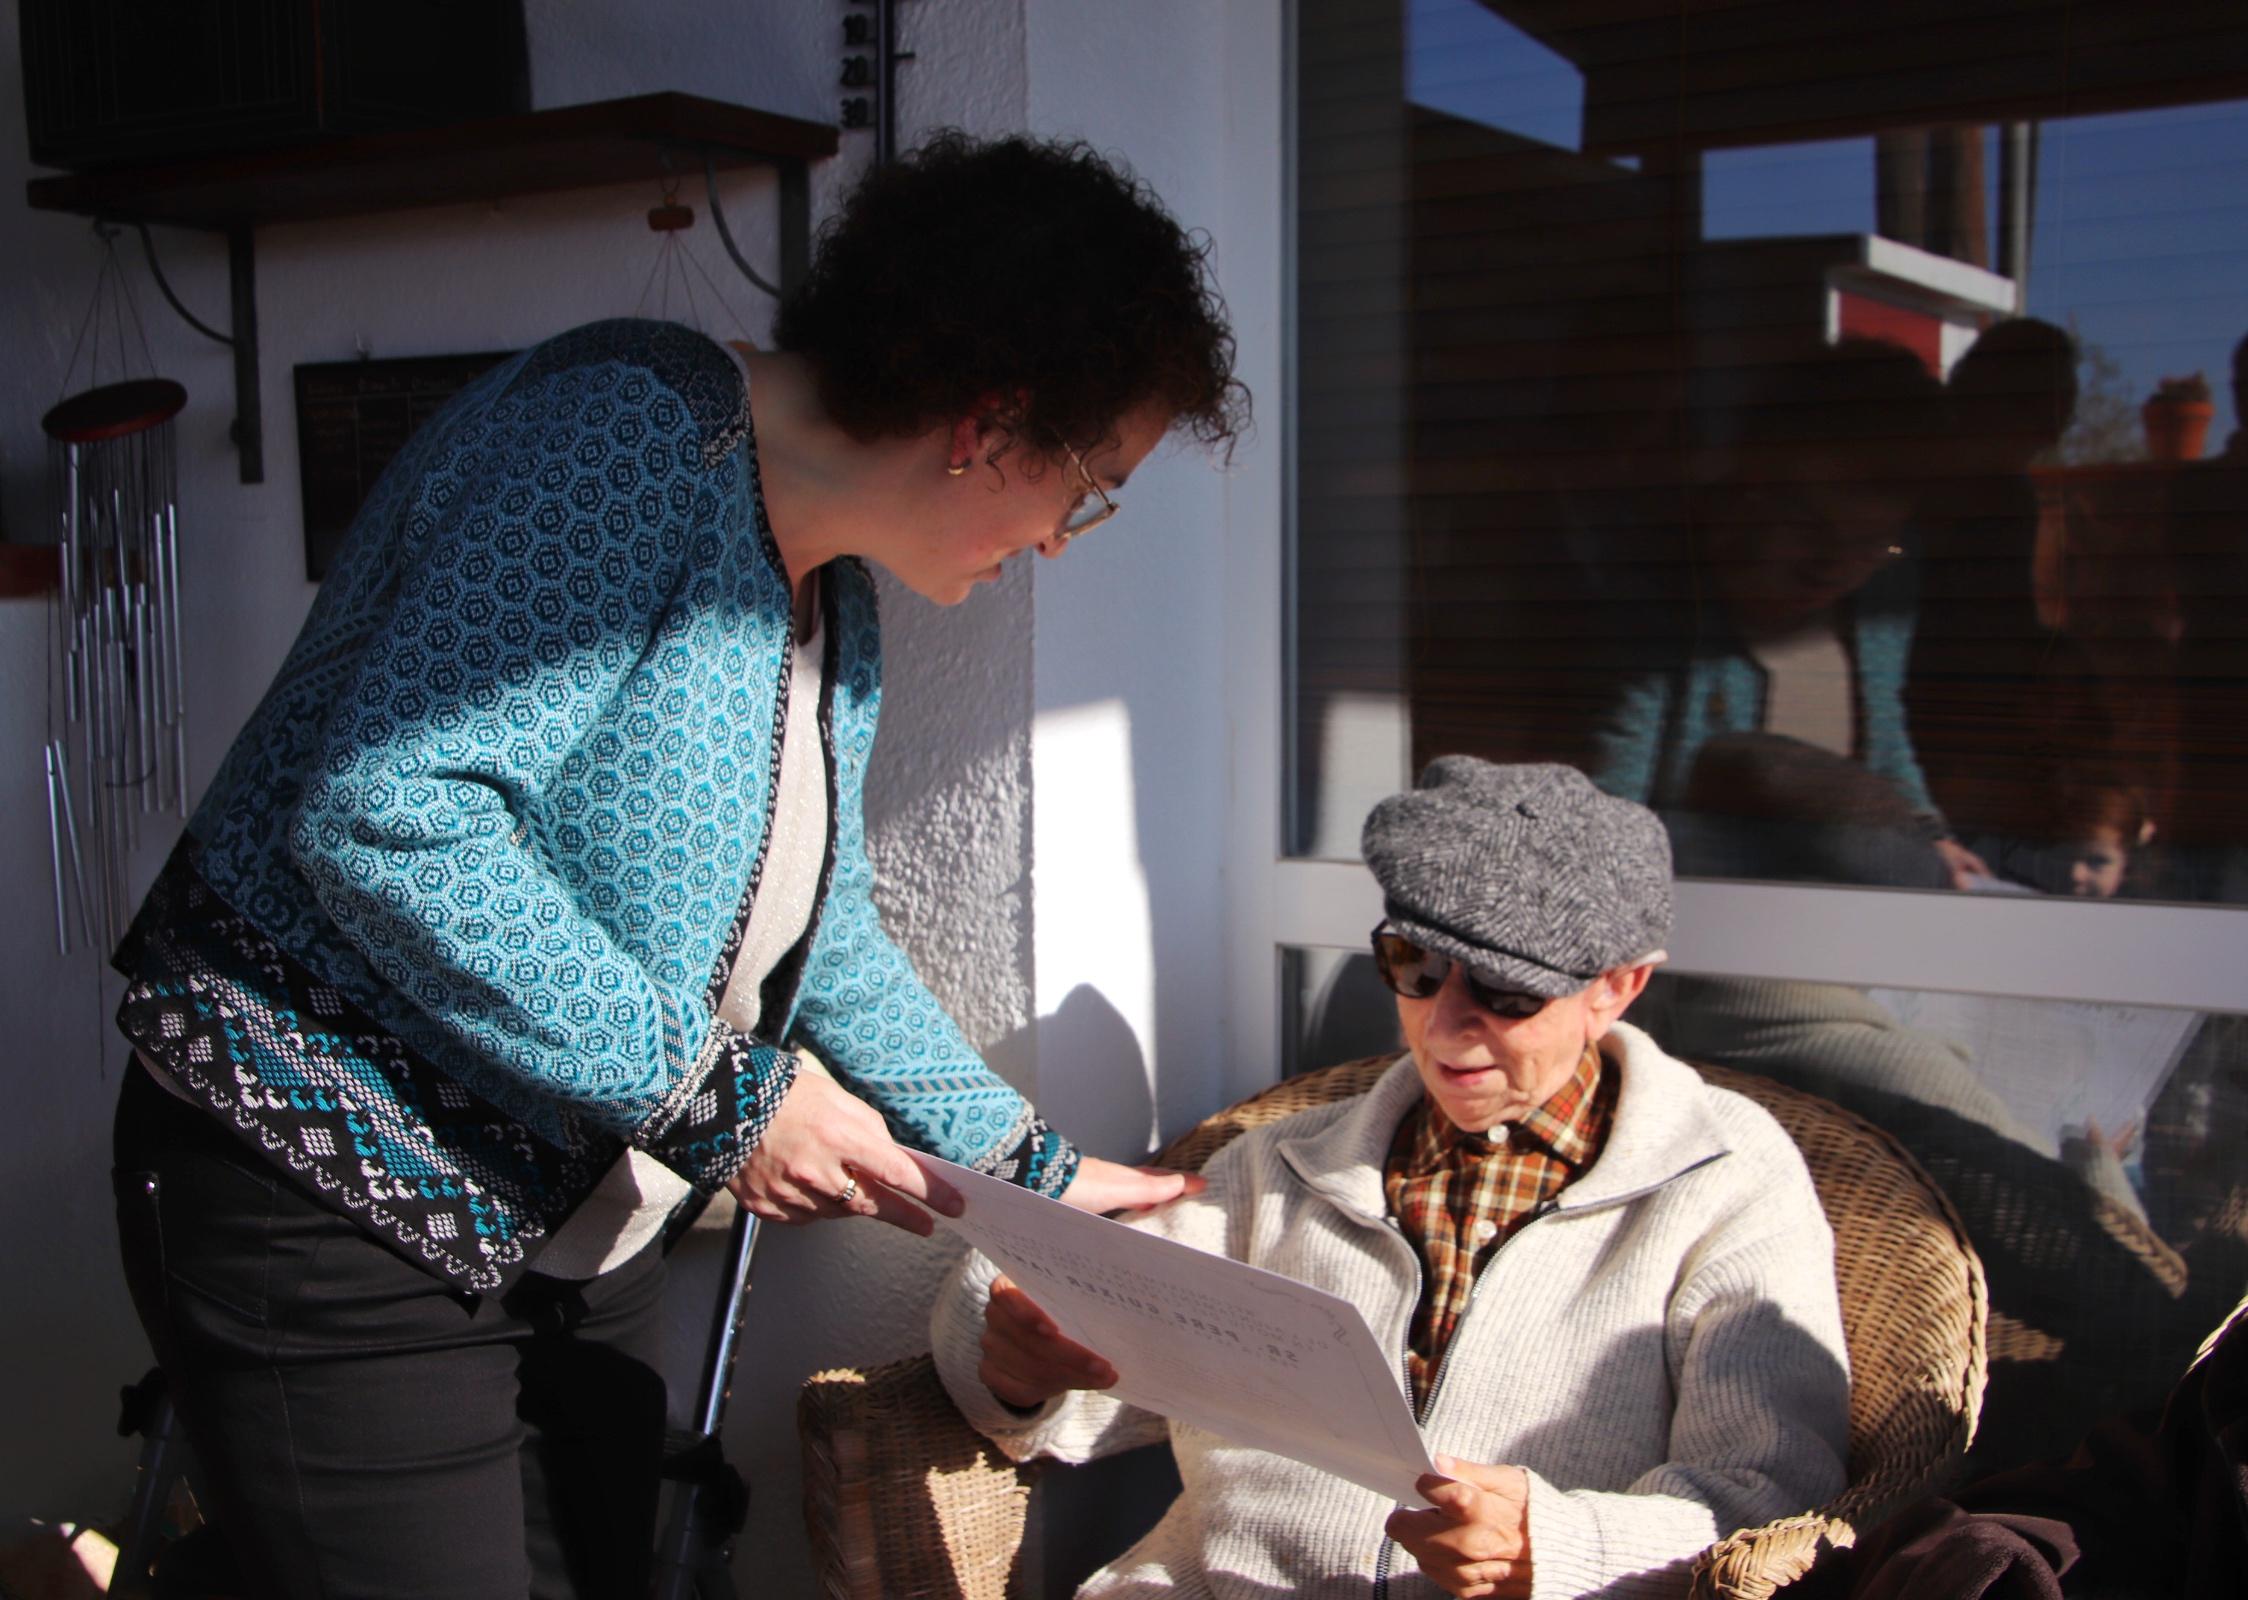 L'alcaldessa Agnès Ferré felicita personalment el bisbalenc Pere Guixer el dia del seu 100è aniversari